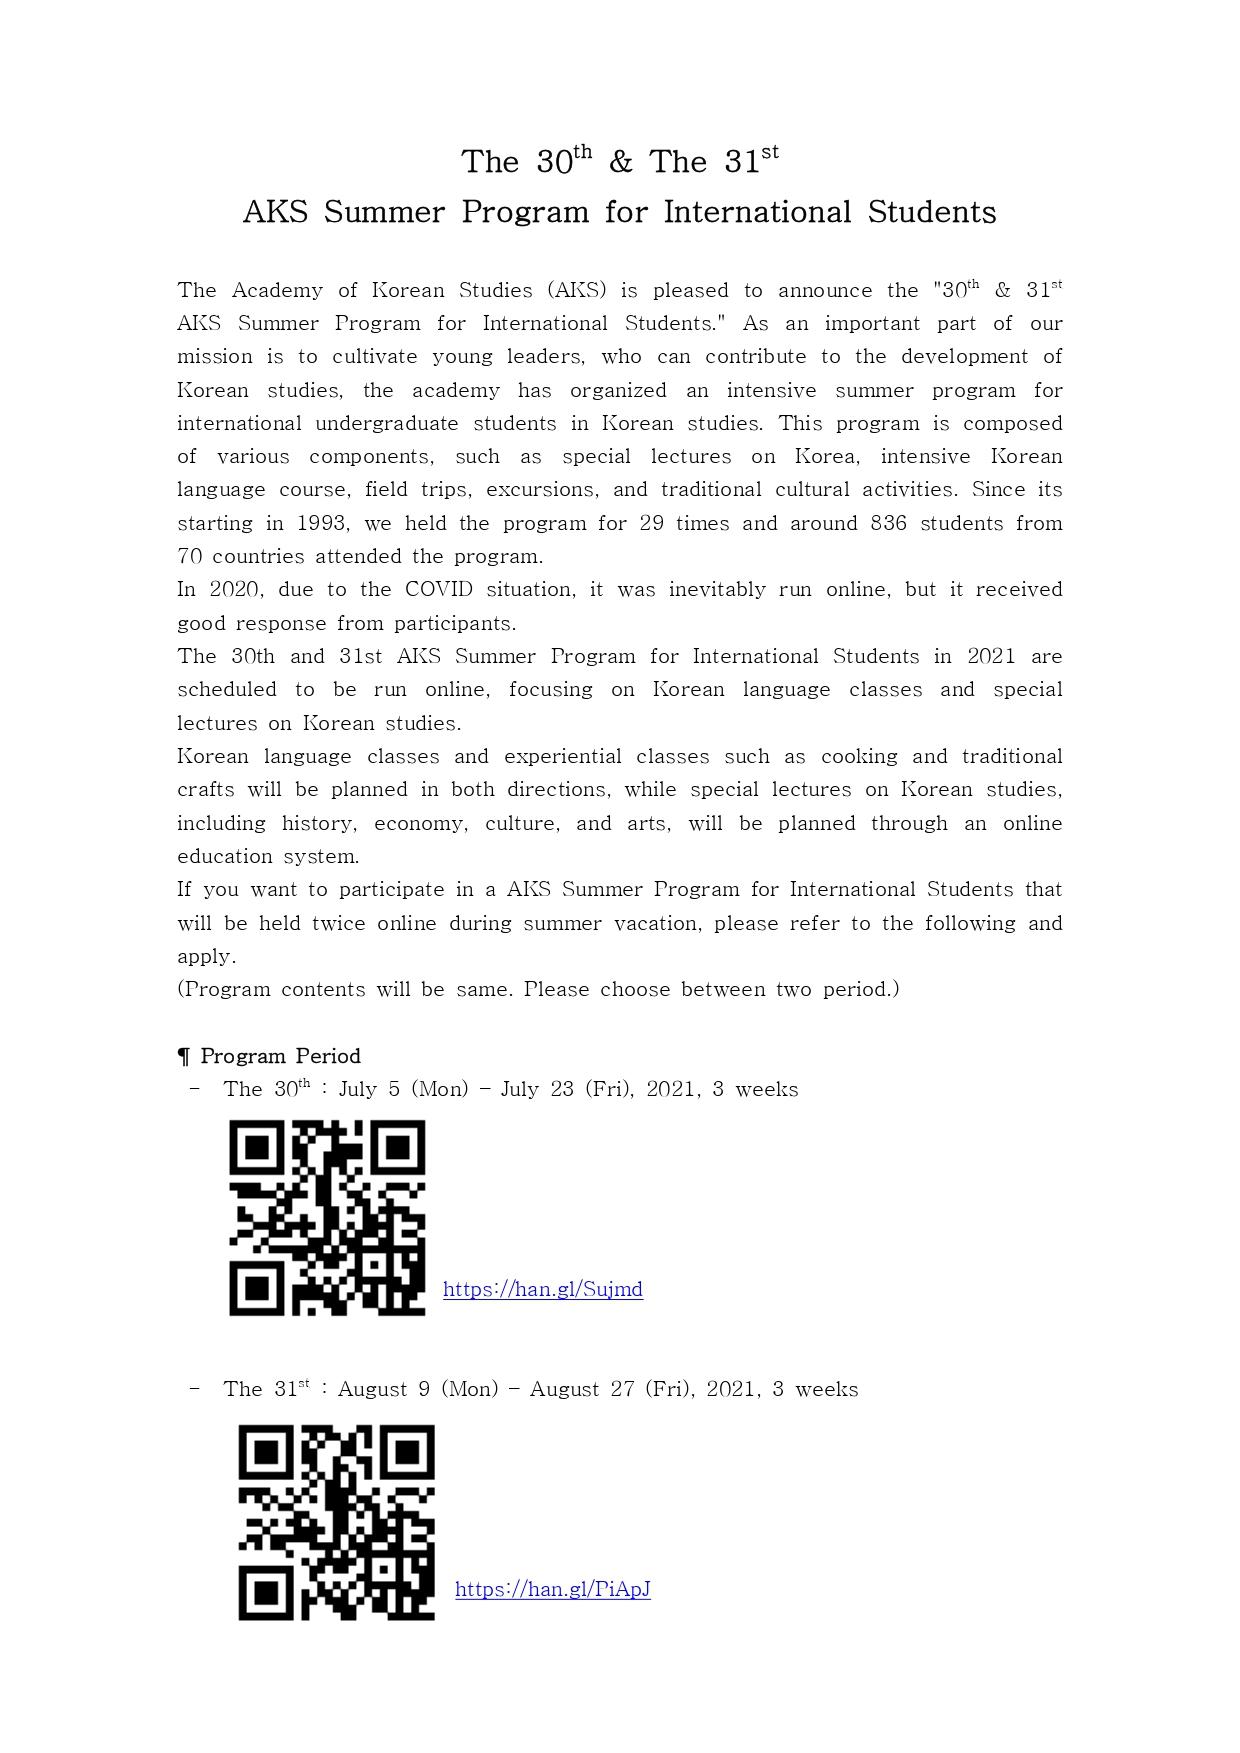 [붙임]제30회, 제31회 한국문화강좌 공고문_page-0003.jpg